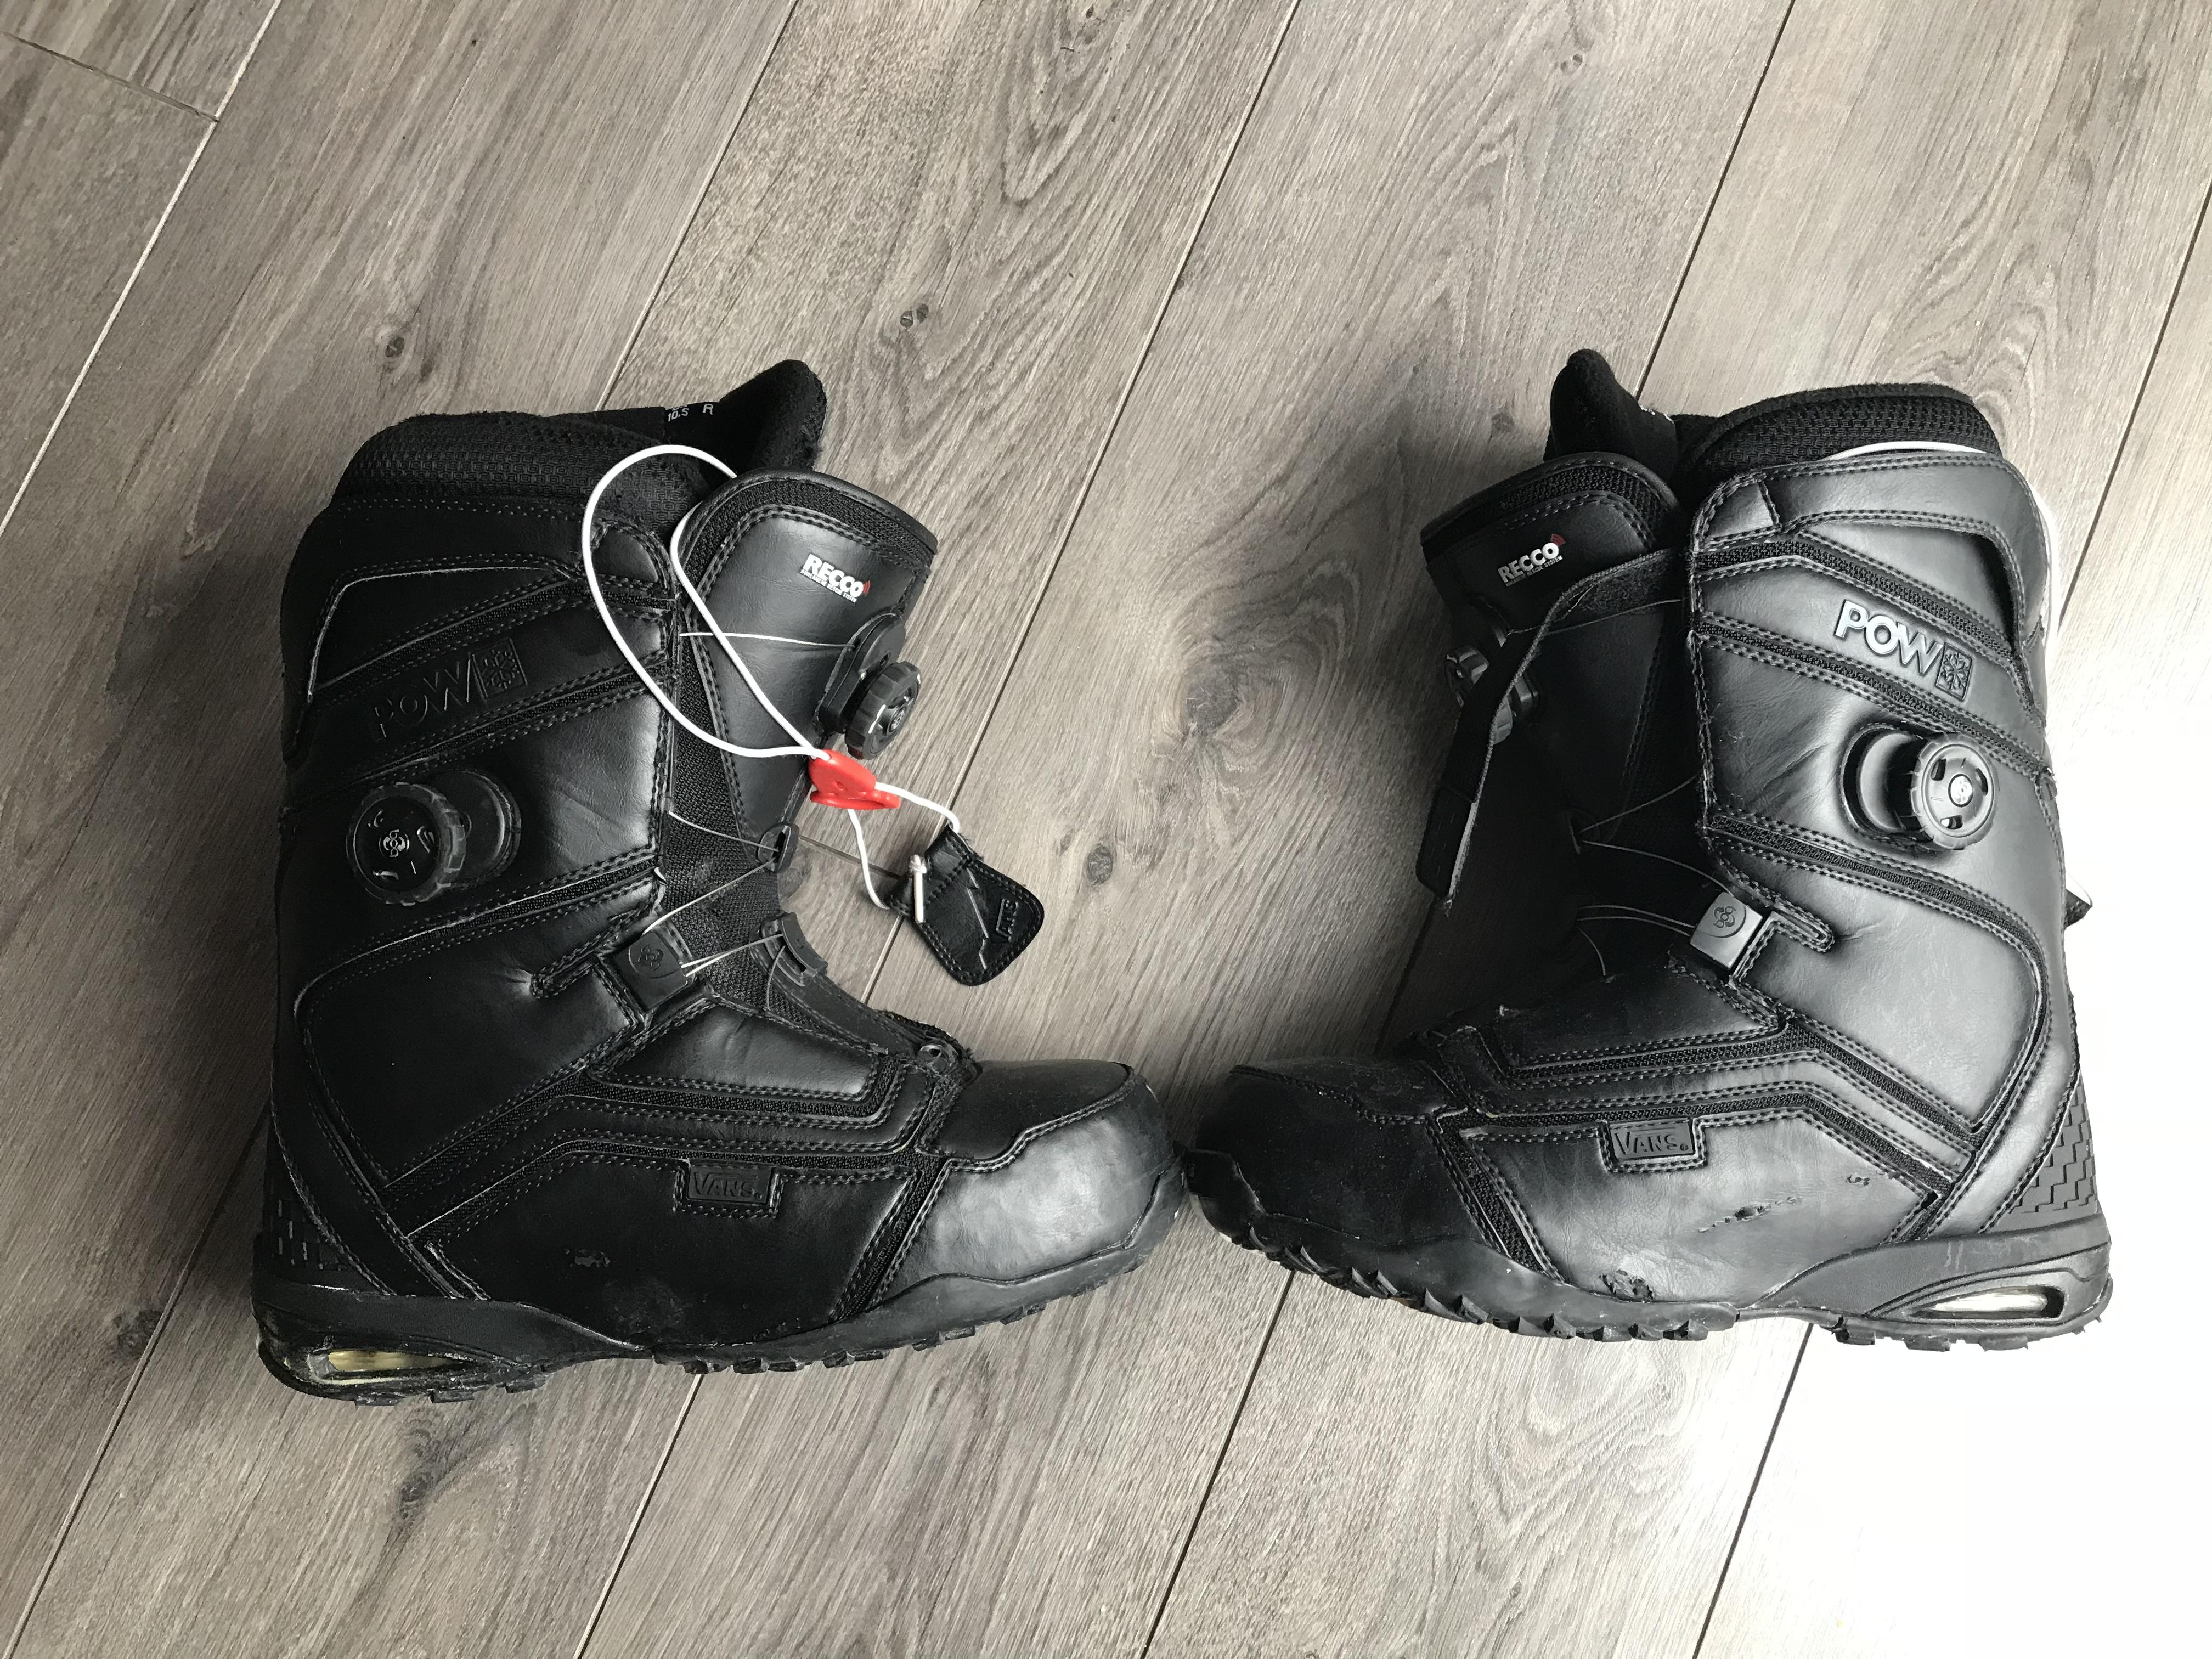 E804DC3C-1E30-463E-B0CF-2332F2114925.